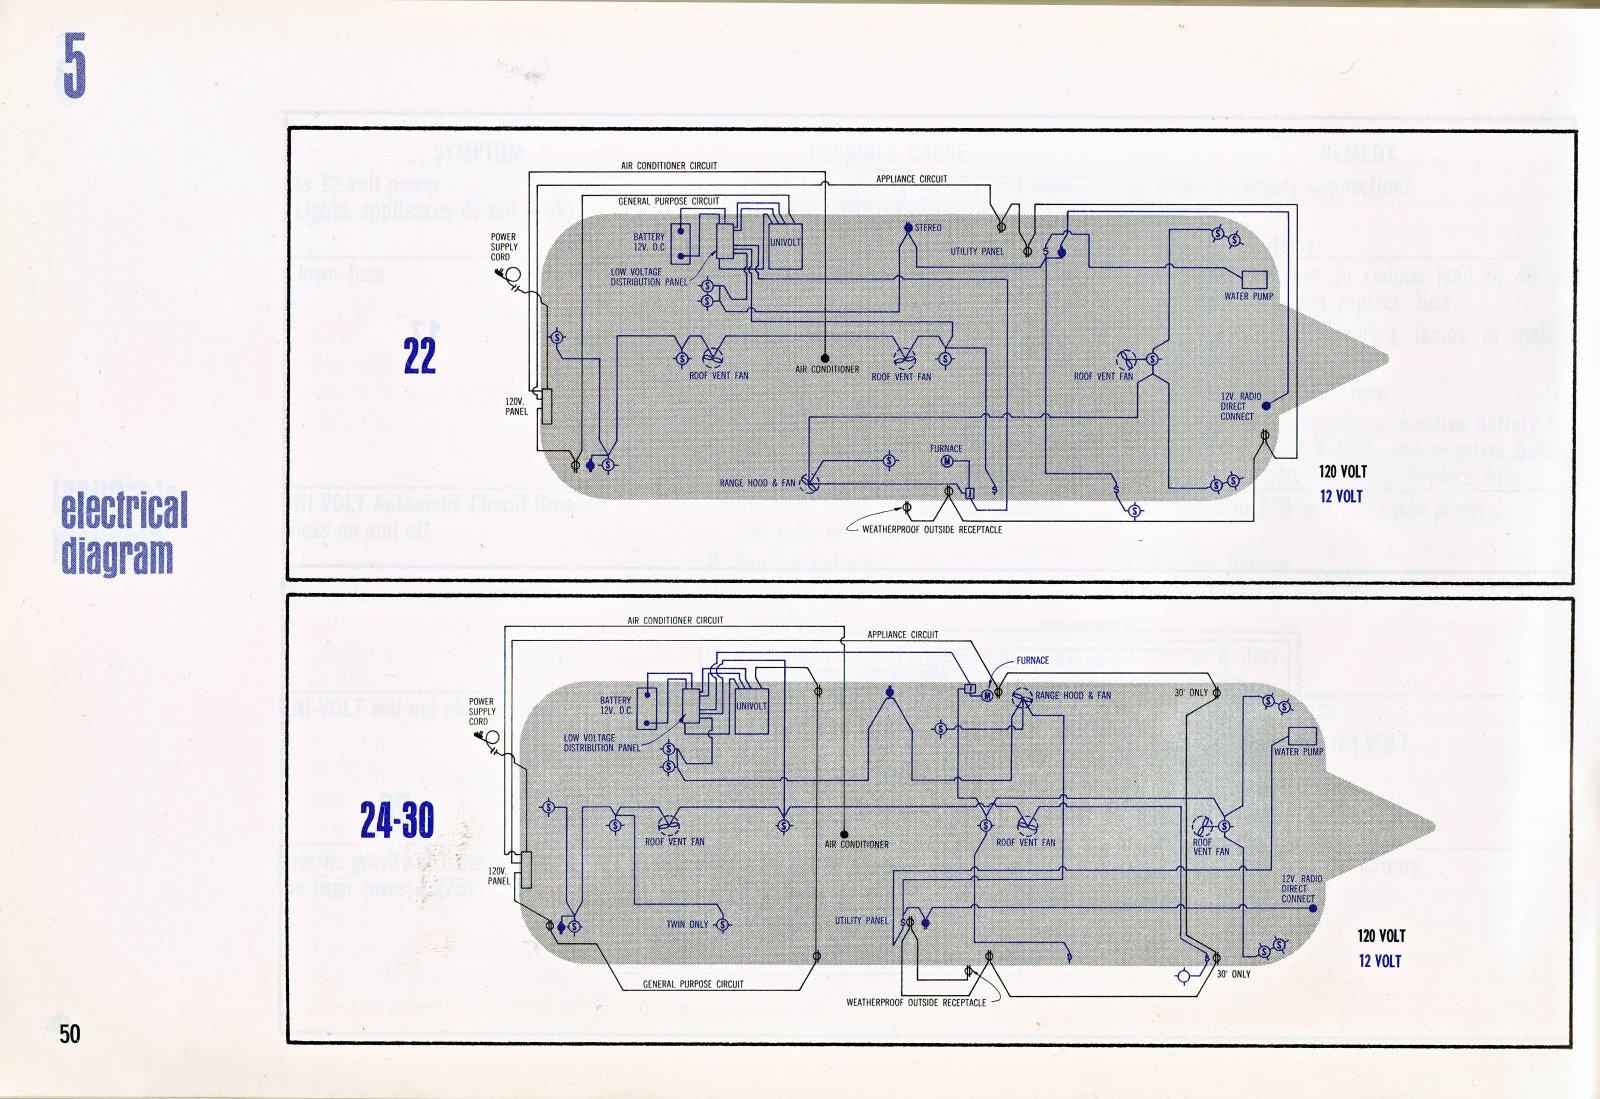 Temperature Gauge Wiring Diagram Datsun 280z Schematics 1978 Harness 1971 240z Electrical Schematic Power Antenna Toyota